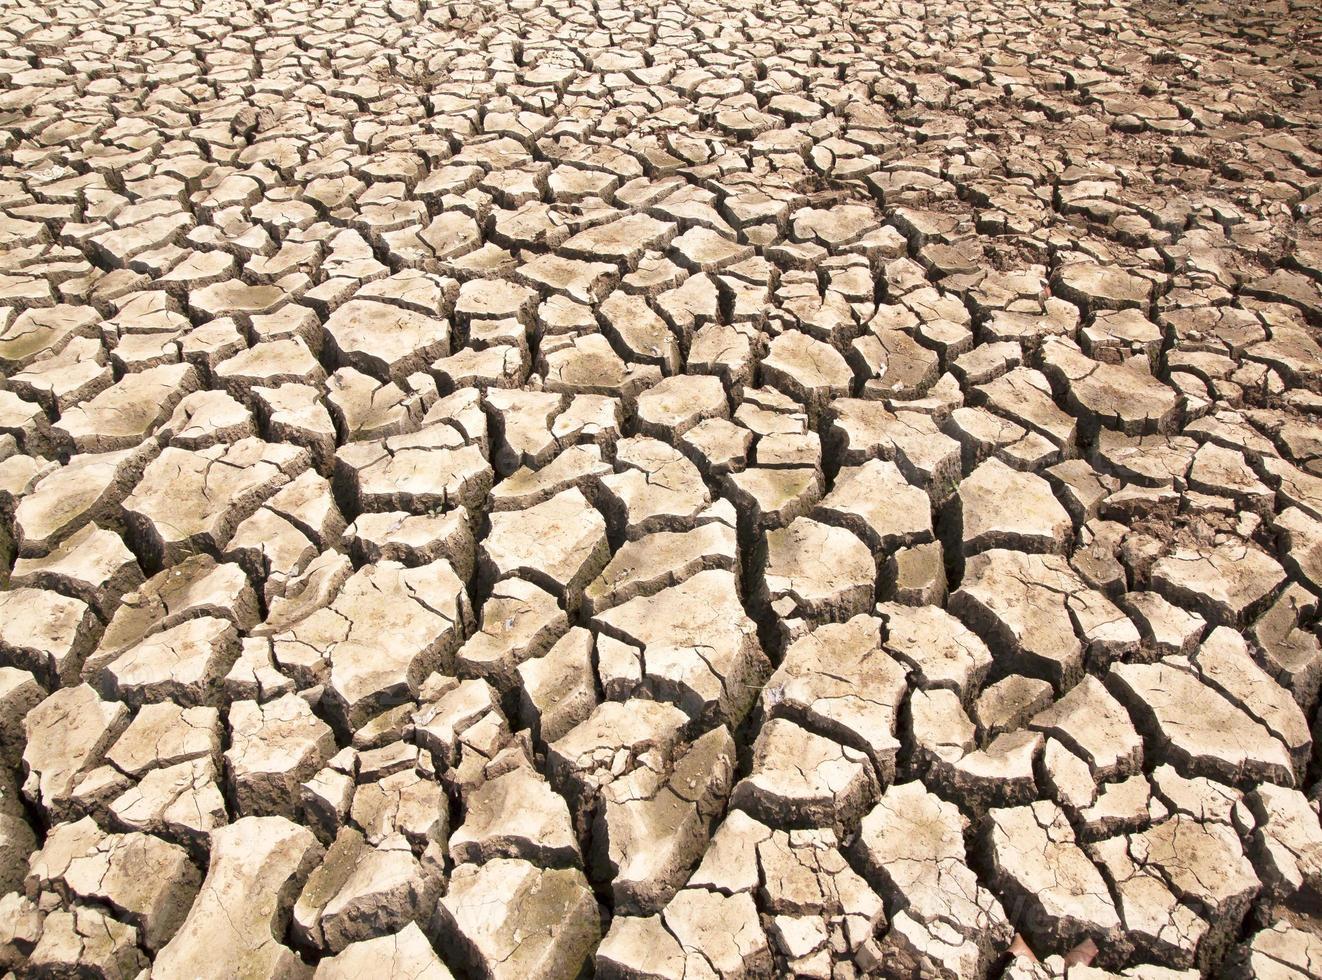 la siccità rompe le fessure del terreno foto